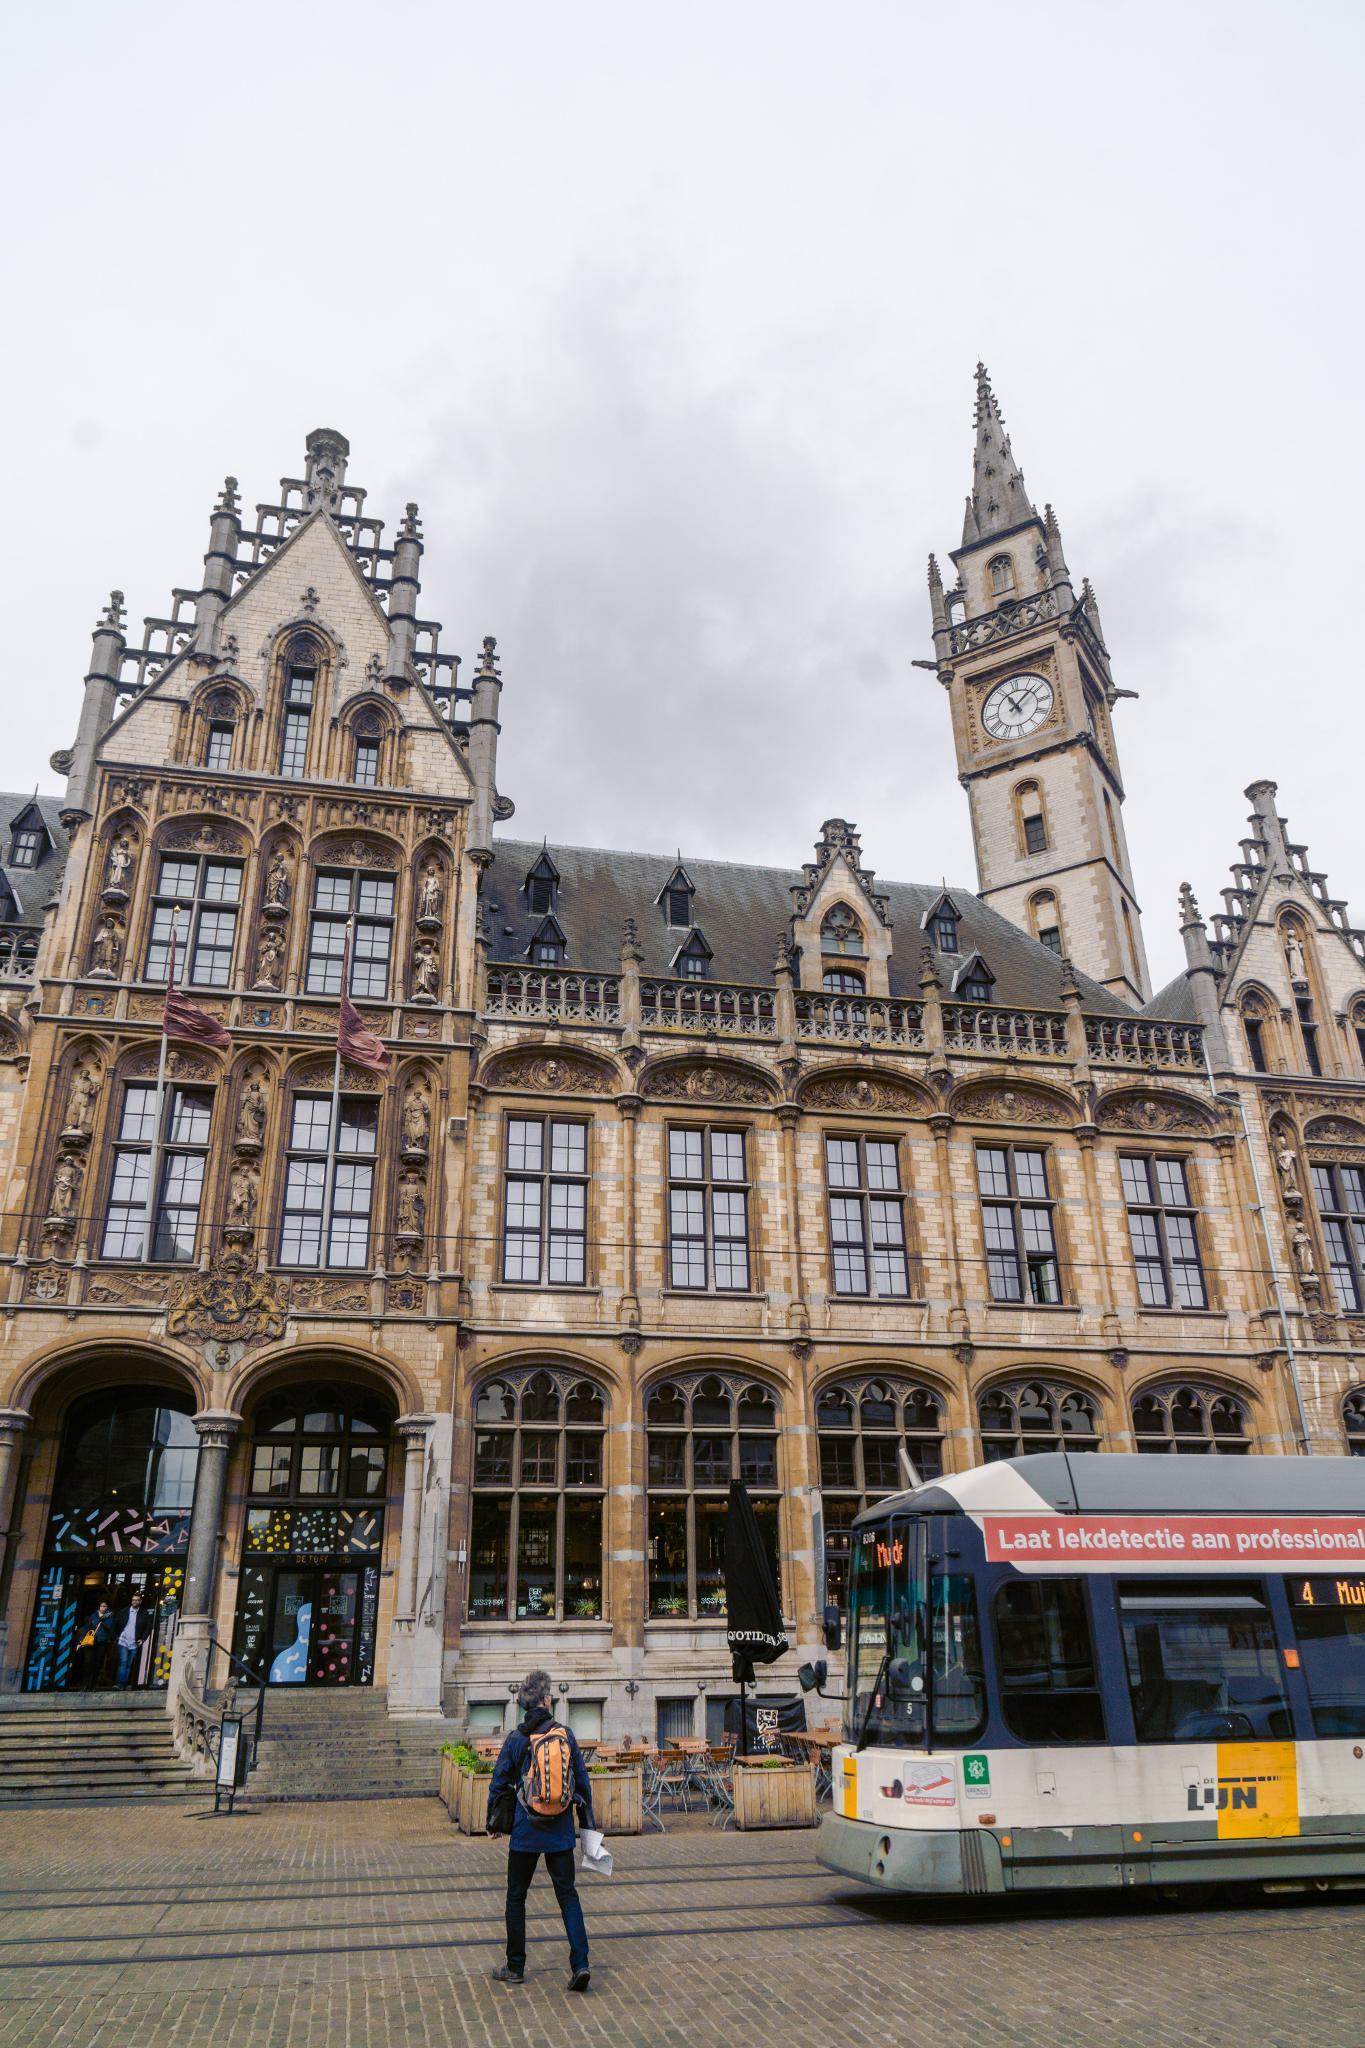 【比利時】穿梭中世紀的大城小事 — 比利時根特 (Ghent) 散步景點總整理 109